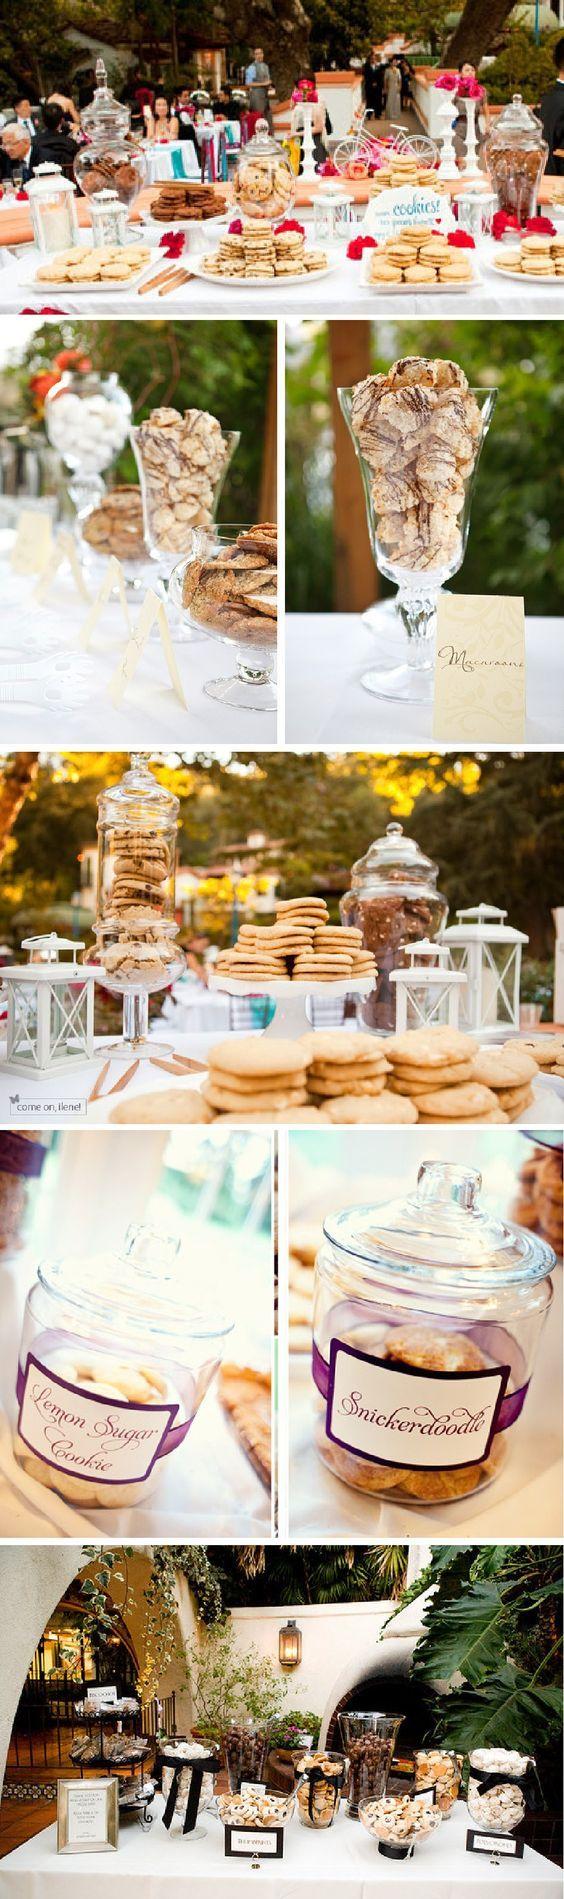 milk and cookies wedding bar / / http://www.deerpearlflowers.com/wedding-smore-cookies-milk-bar-ideas/